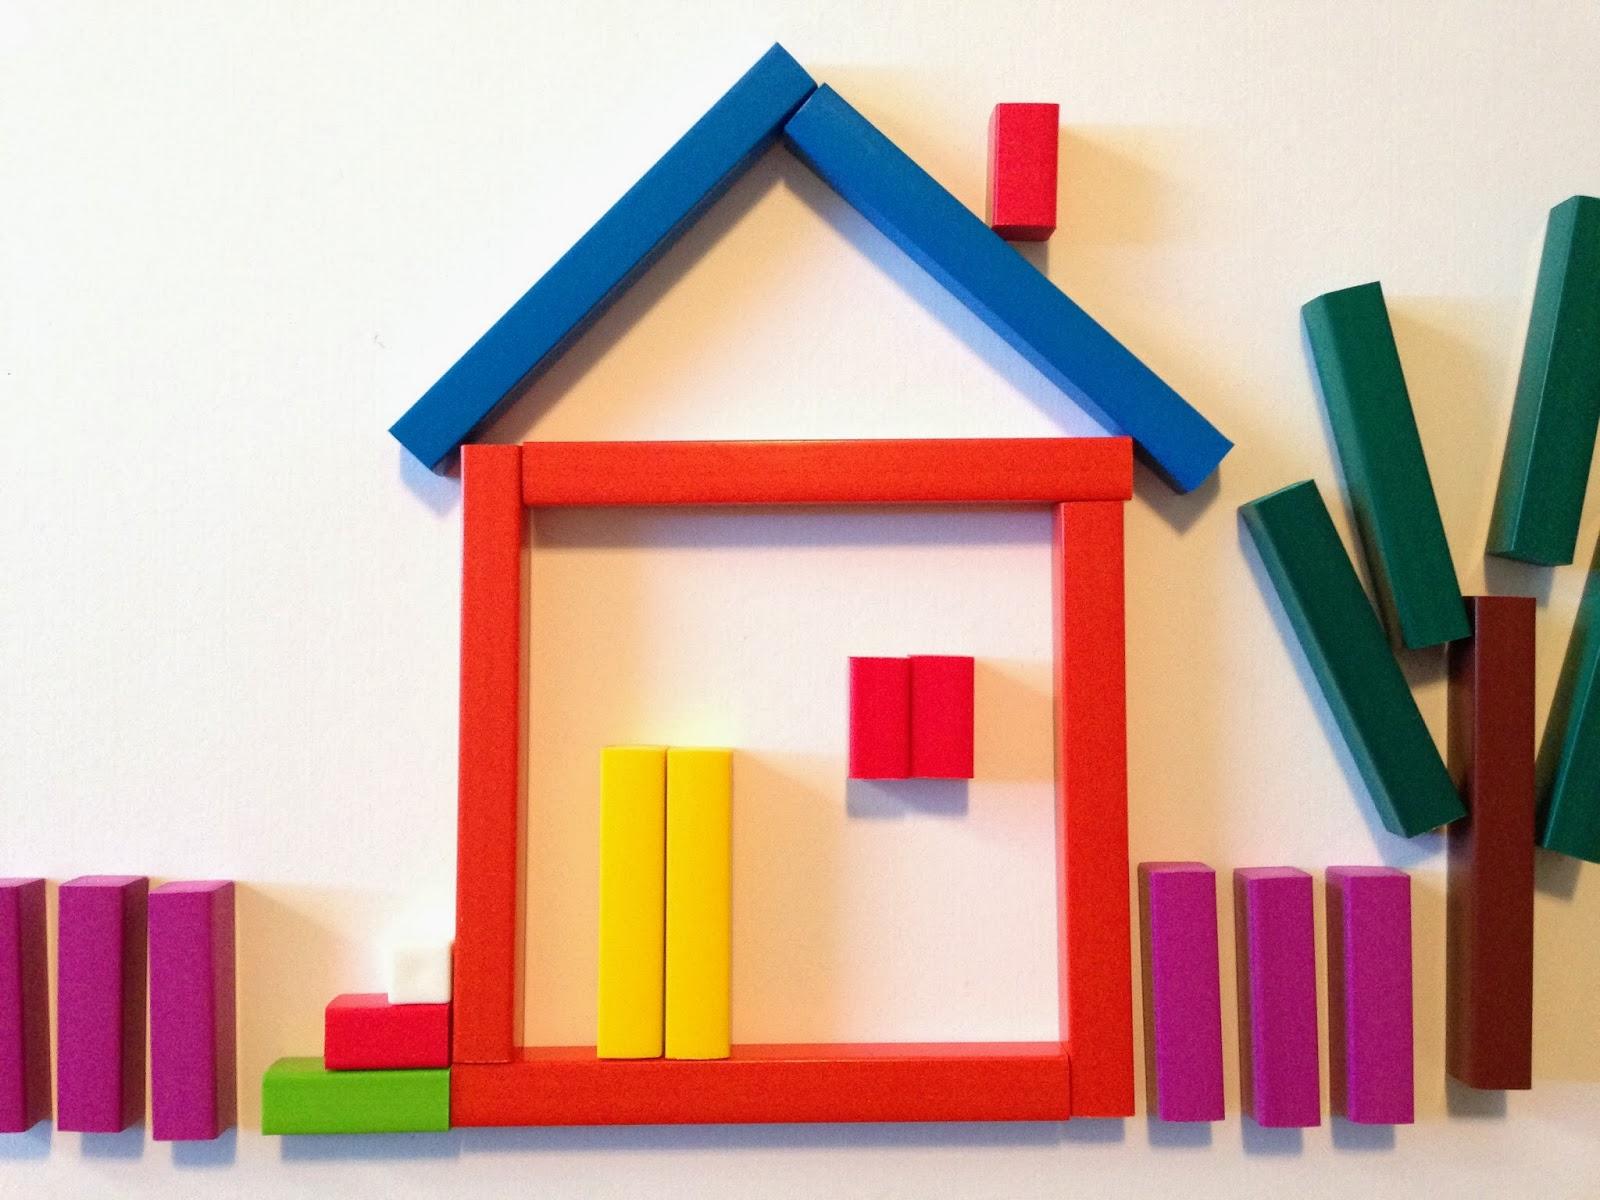 Картинка домика из палочек кюизенера для детей